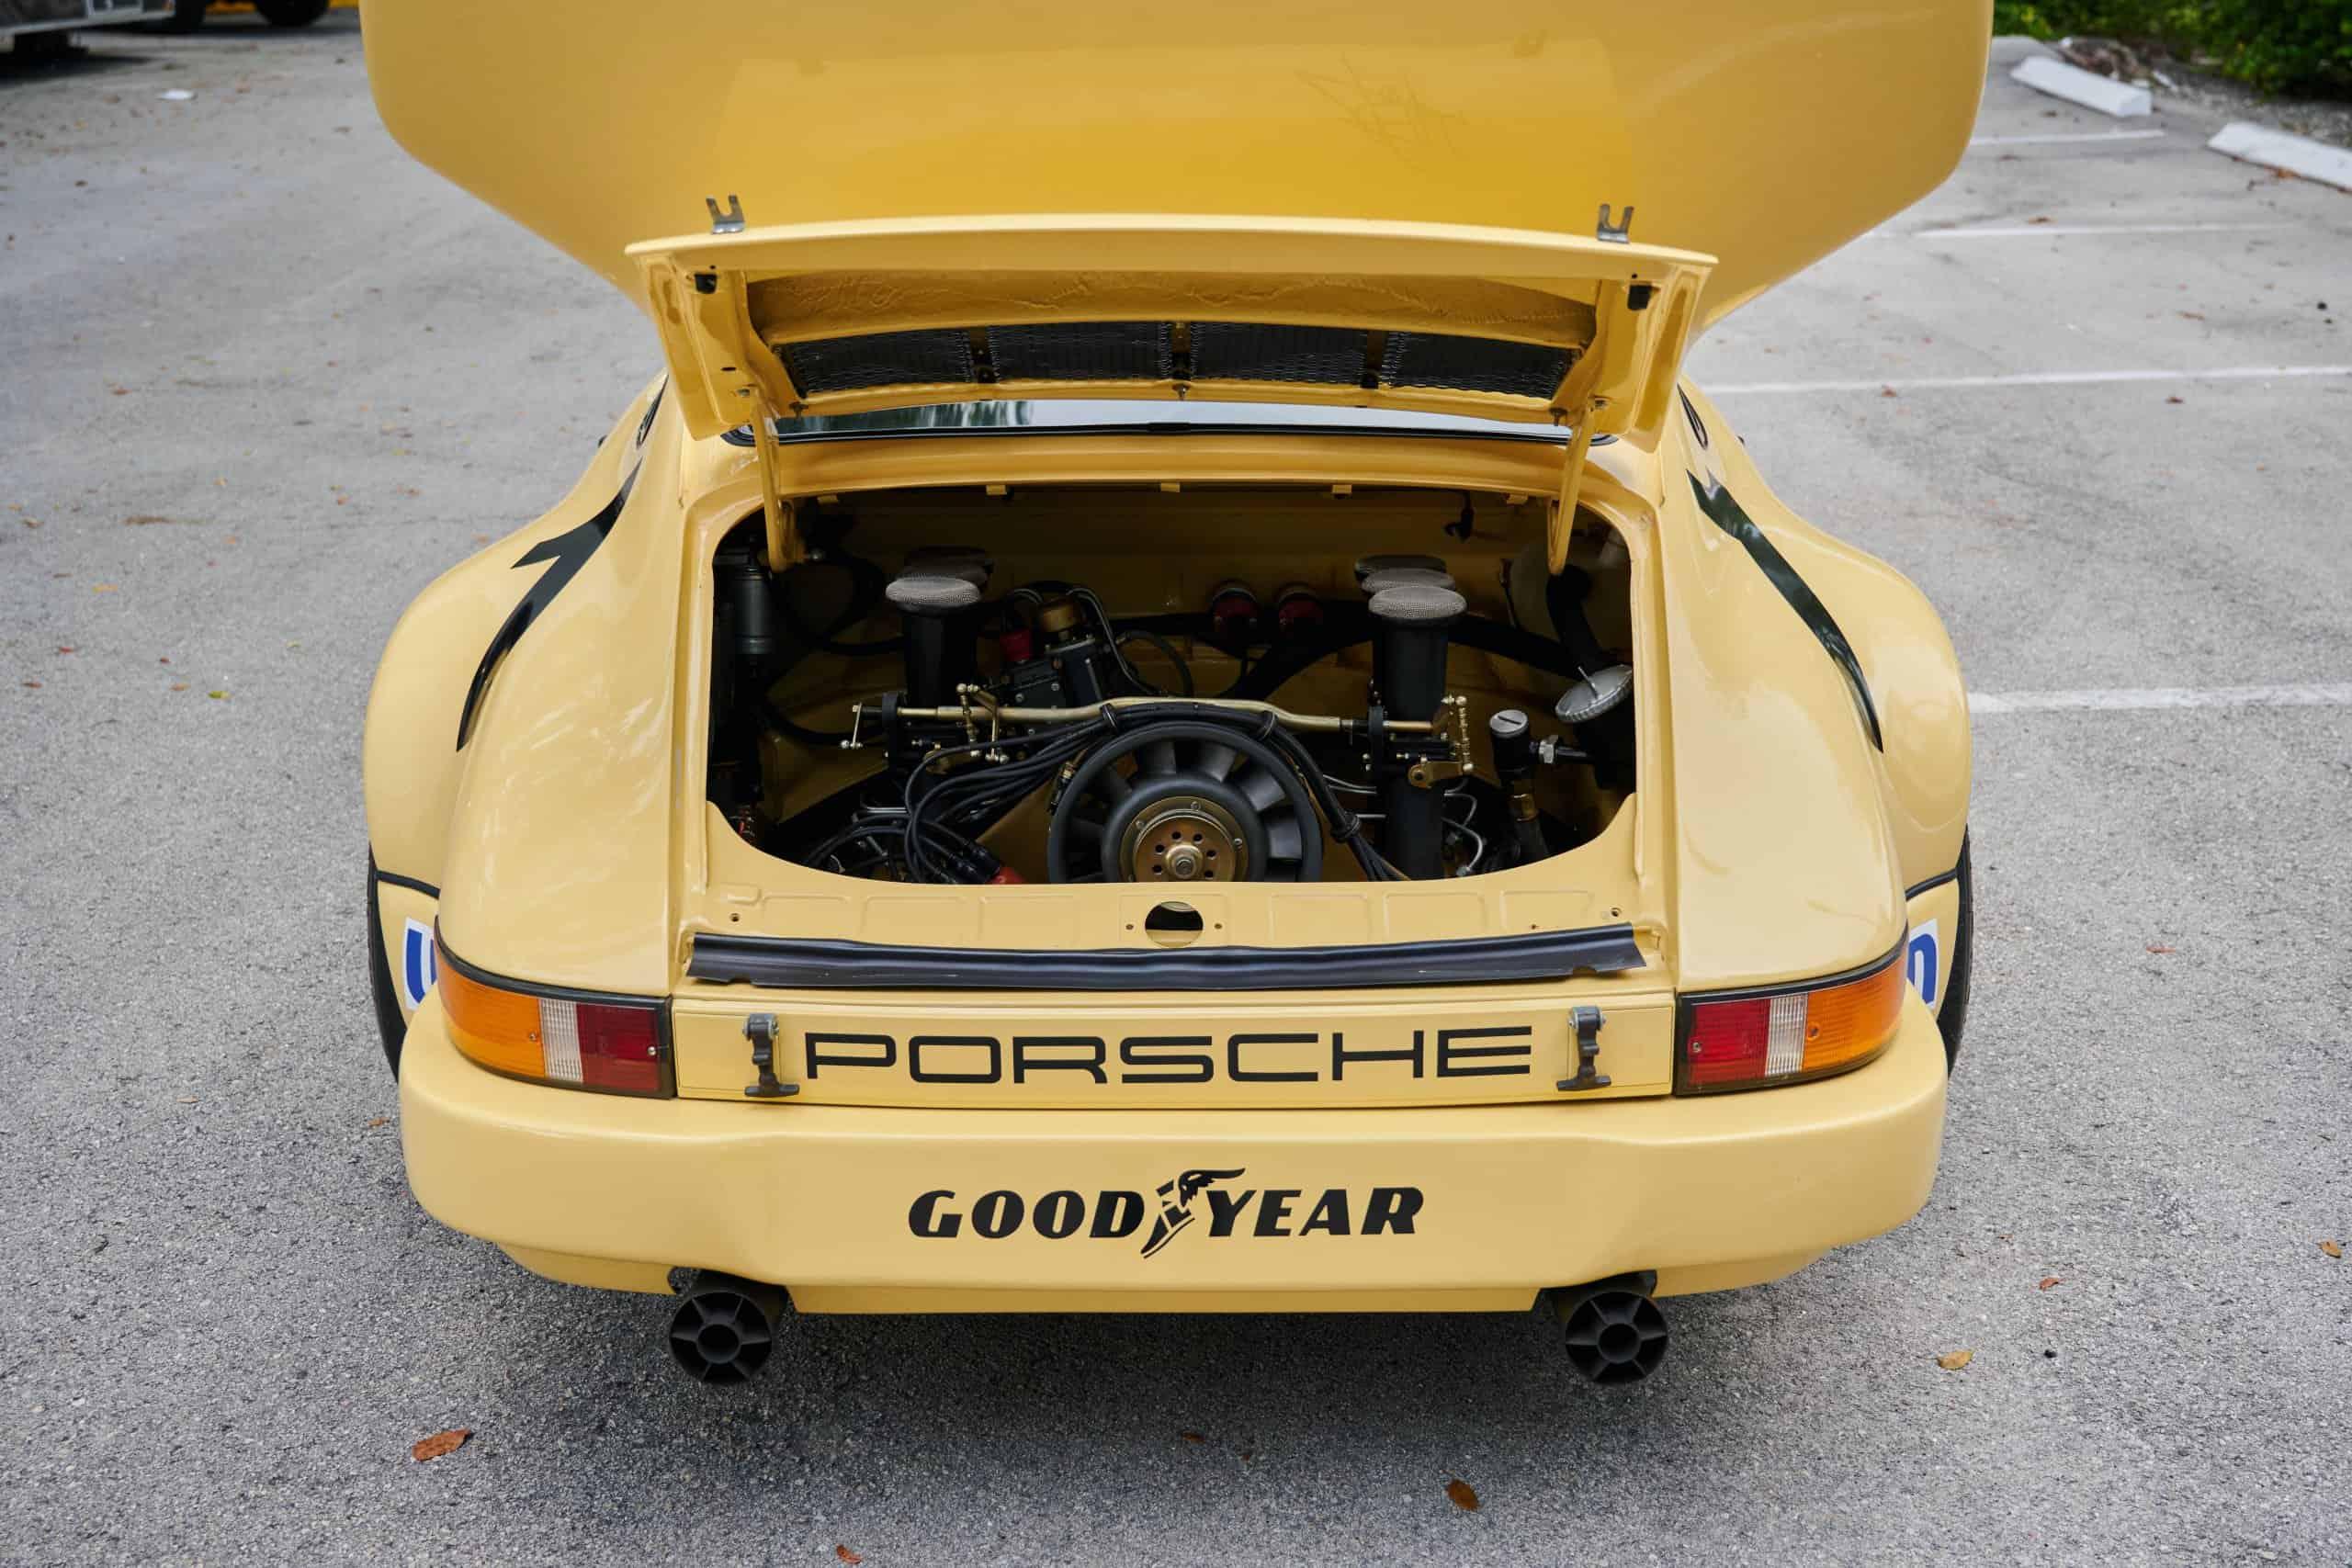 1974 Porsche 911 IROC RSR   Collecting Cars photos